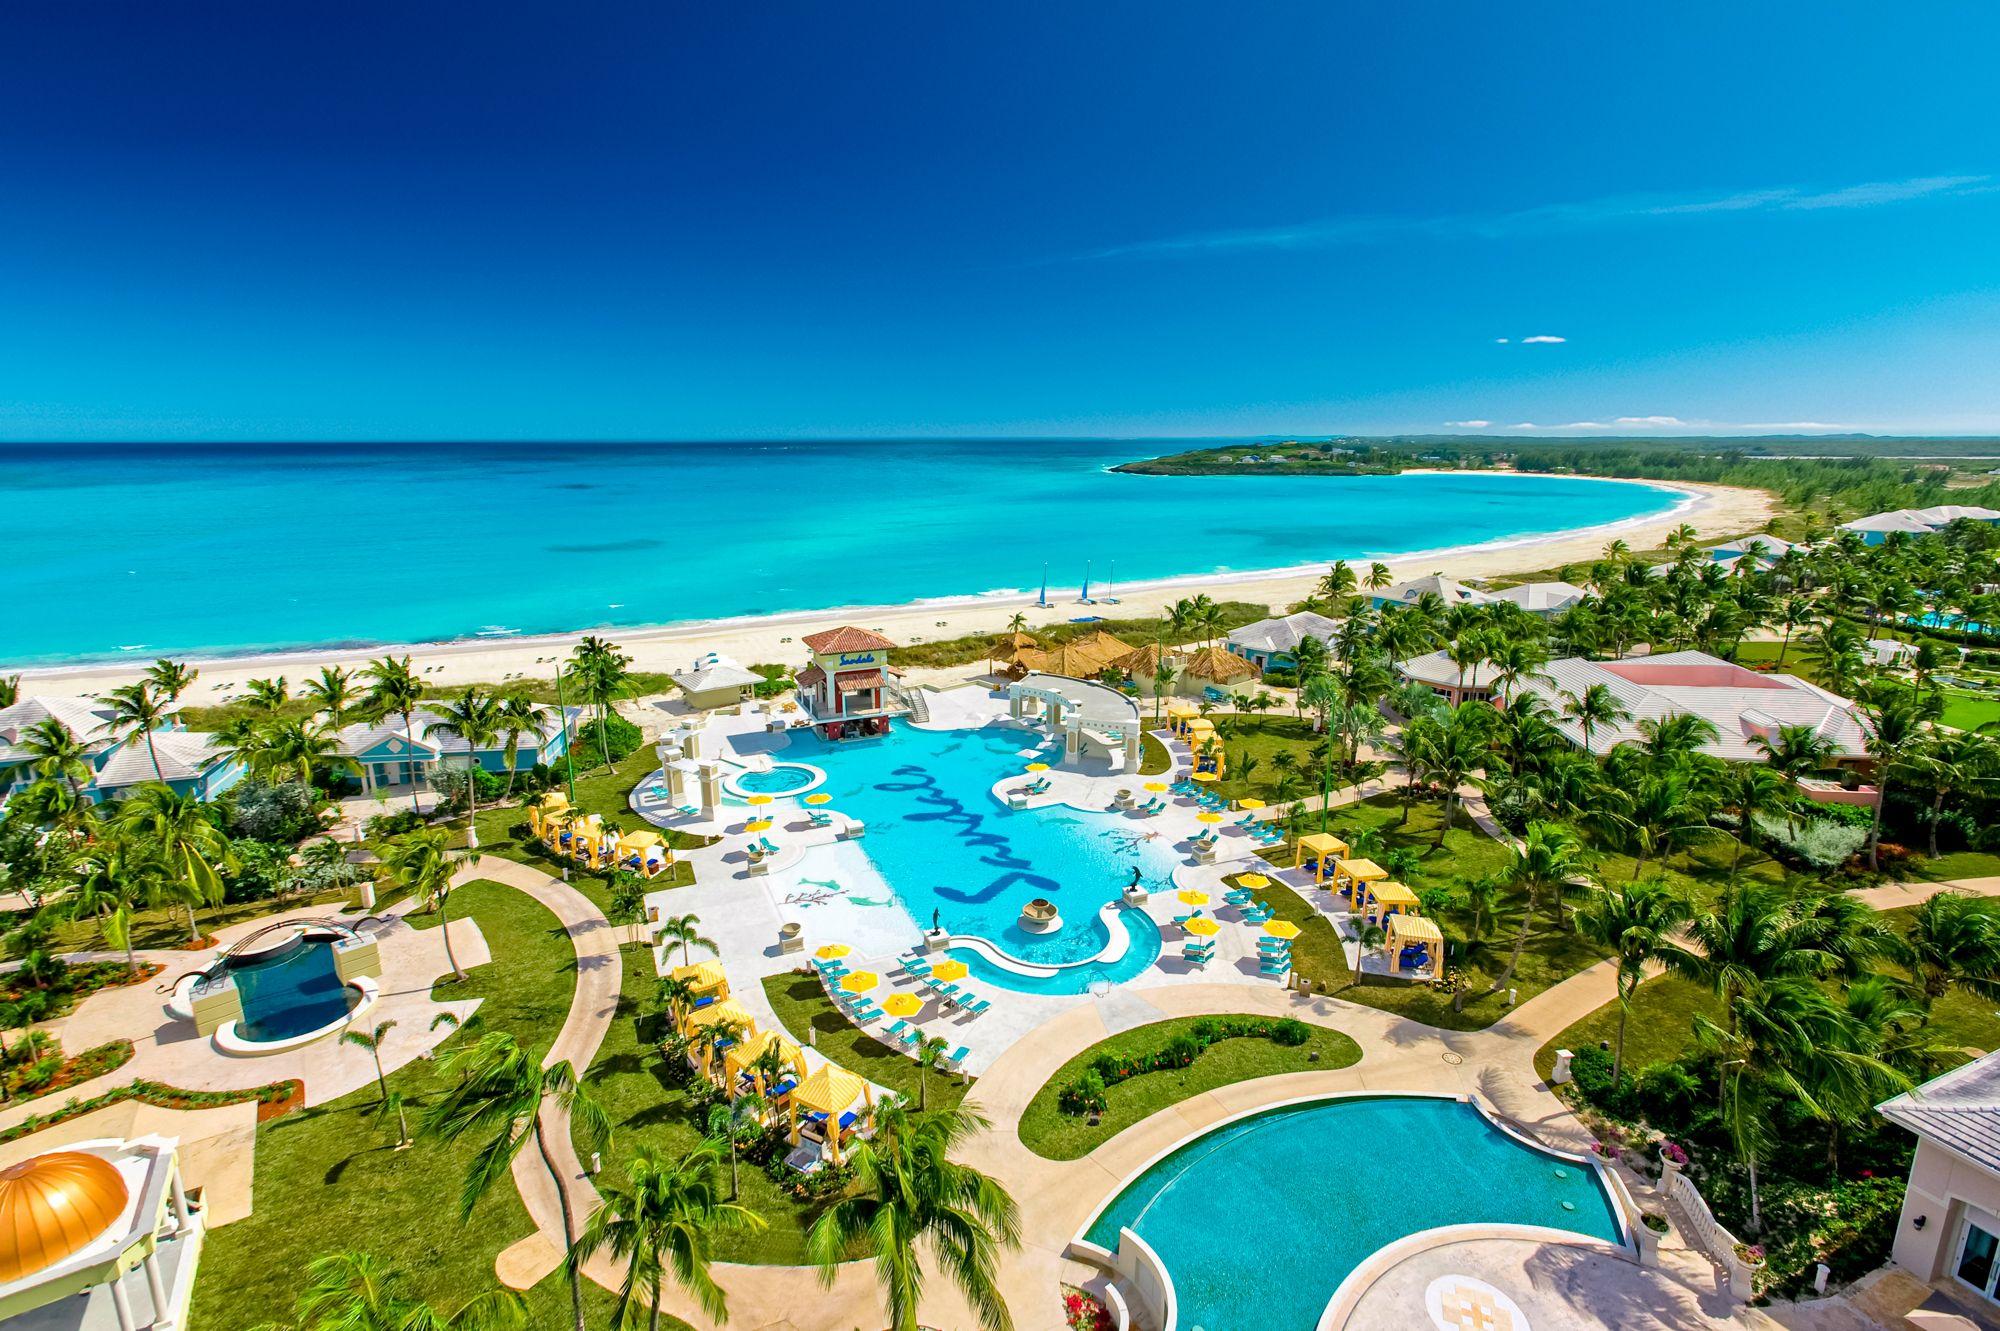 Sandals Emerald Bay Resort Overview